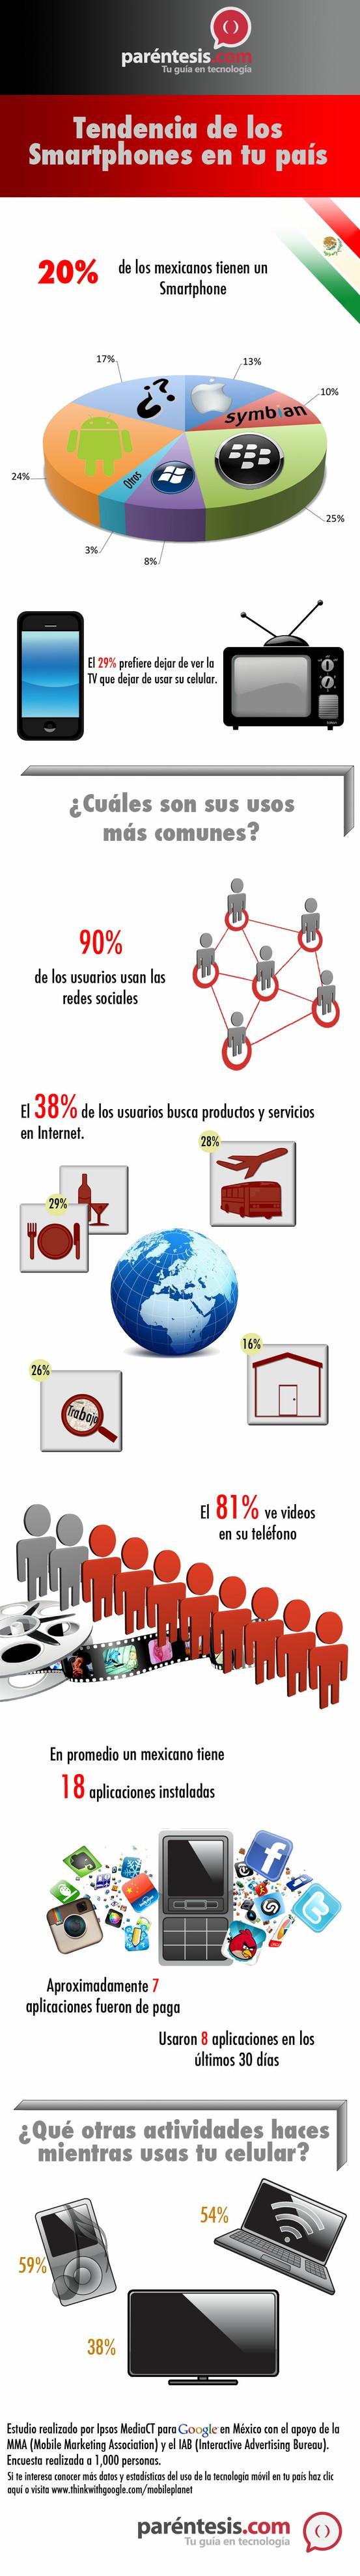 Smartphones en México #infografia...De utilidad para que tomemos en cuenta!!